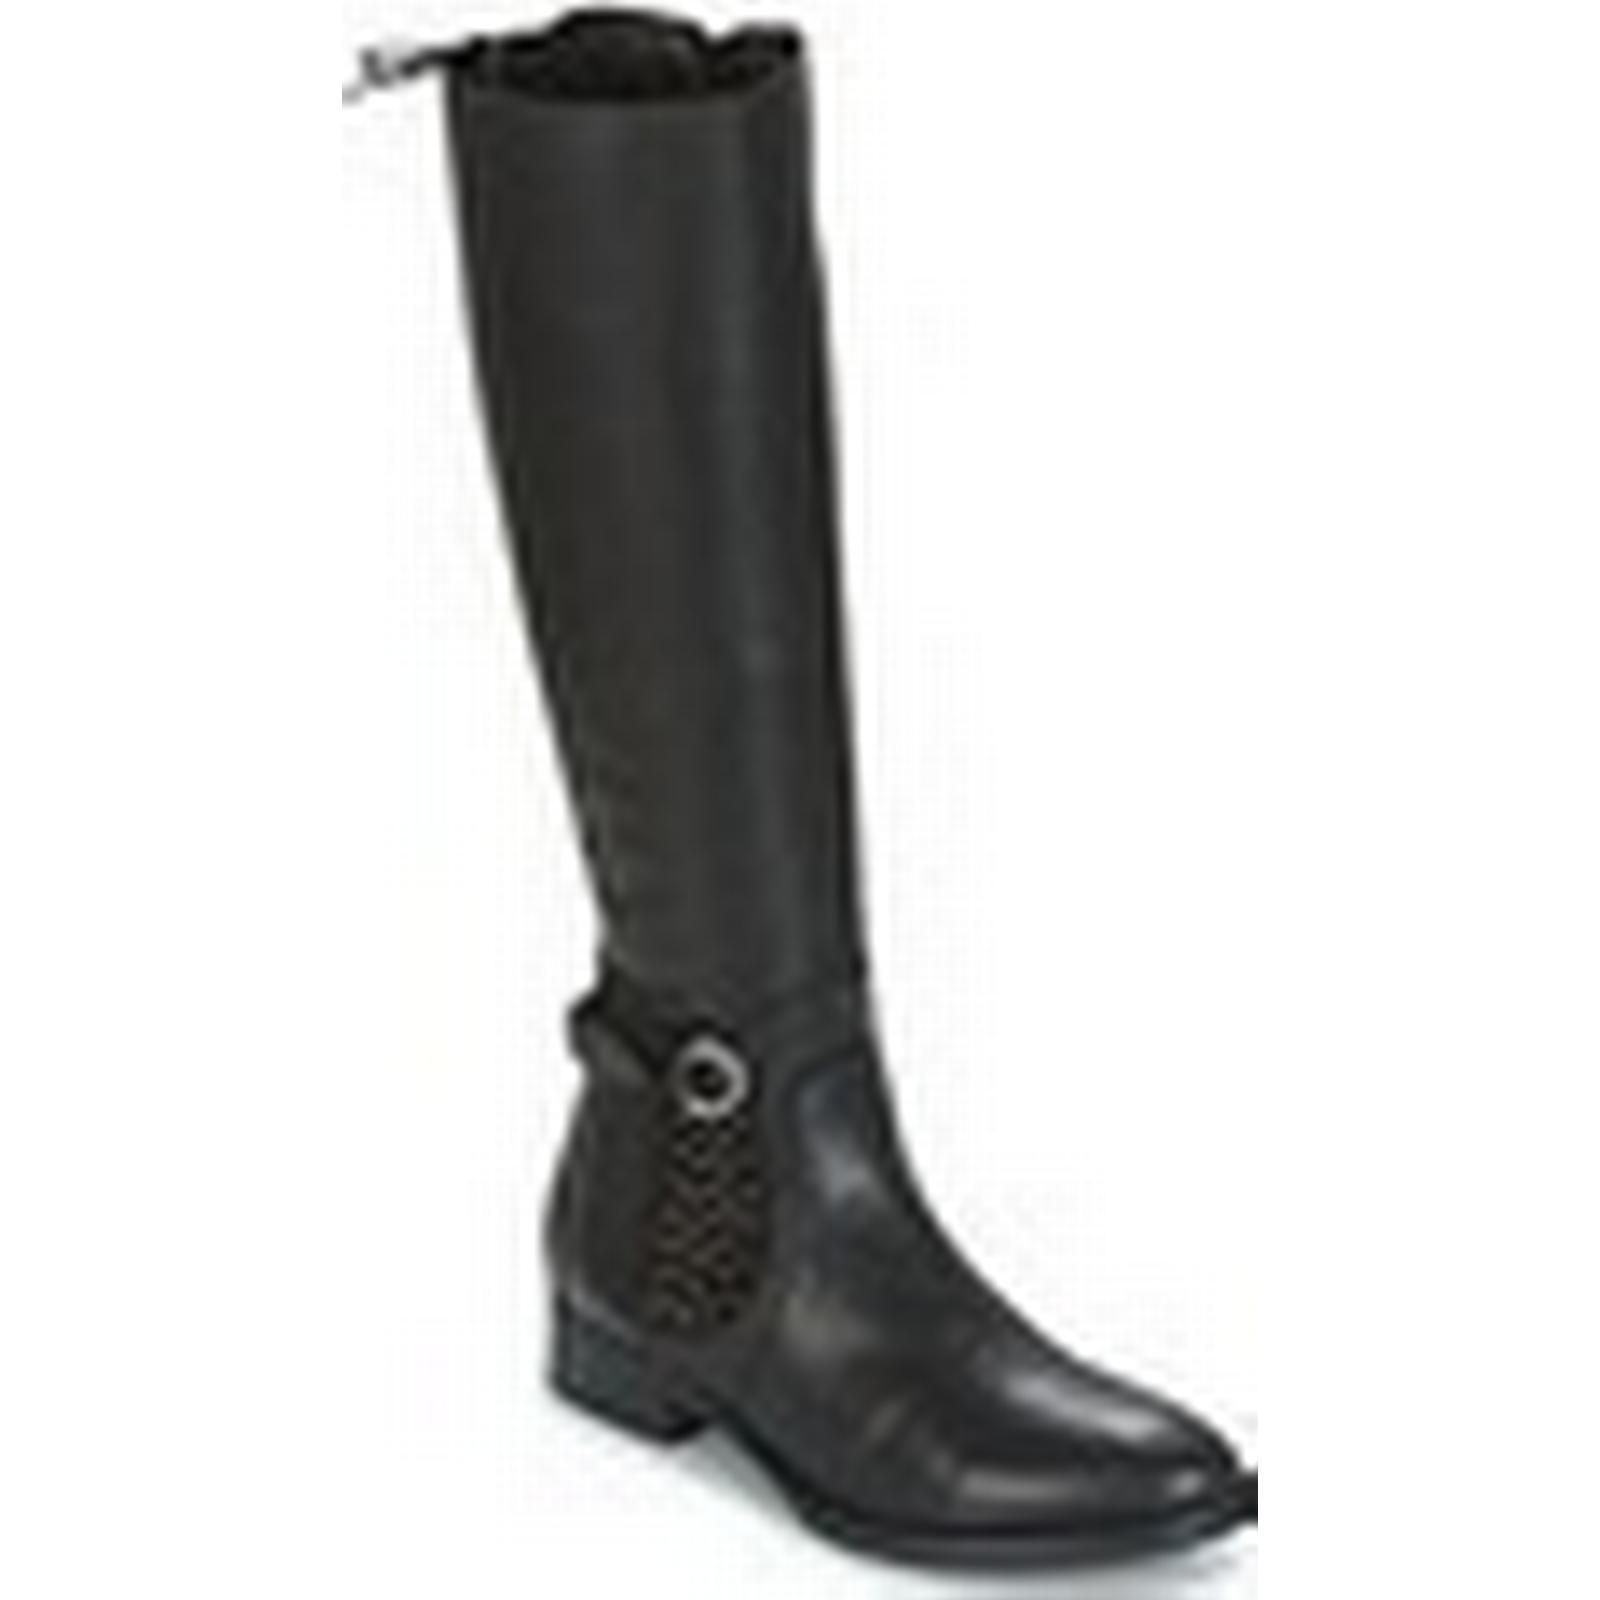 en ce qui concerne les femmes et # rufati # et  27; s des bottes hautes en noir 367ecb